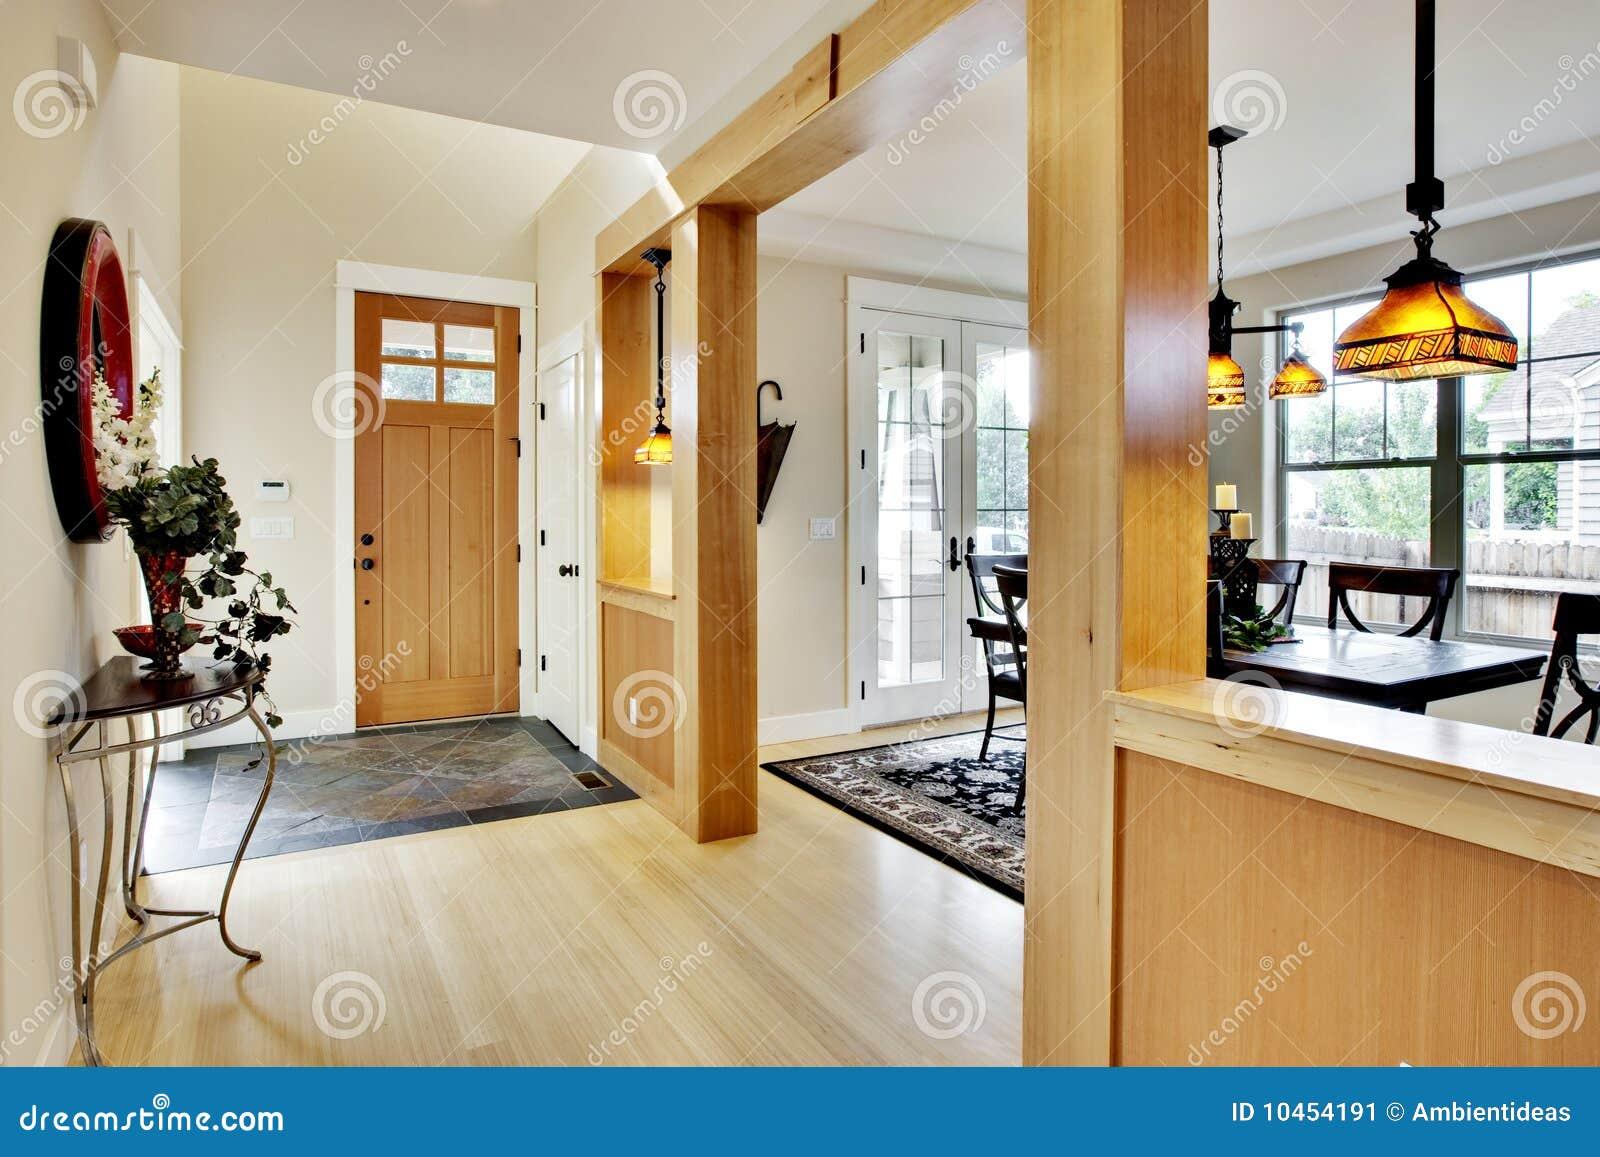 De gang van de ingang van het huis stock afbeelding afbeelding 10454191 - Idee gang ingang ...